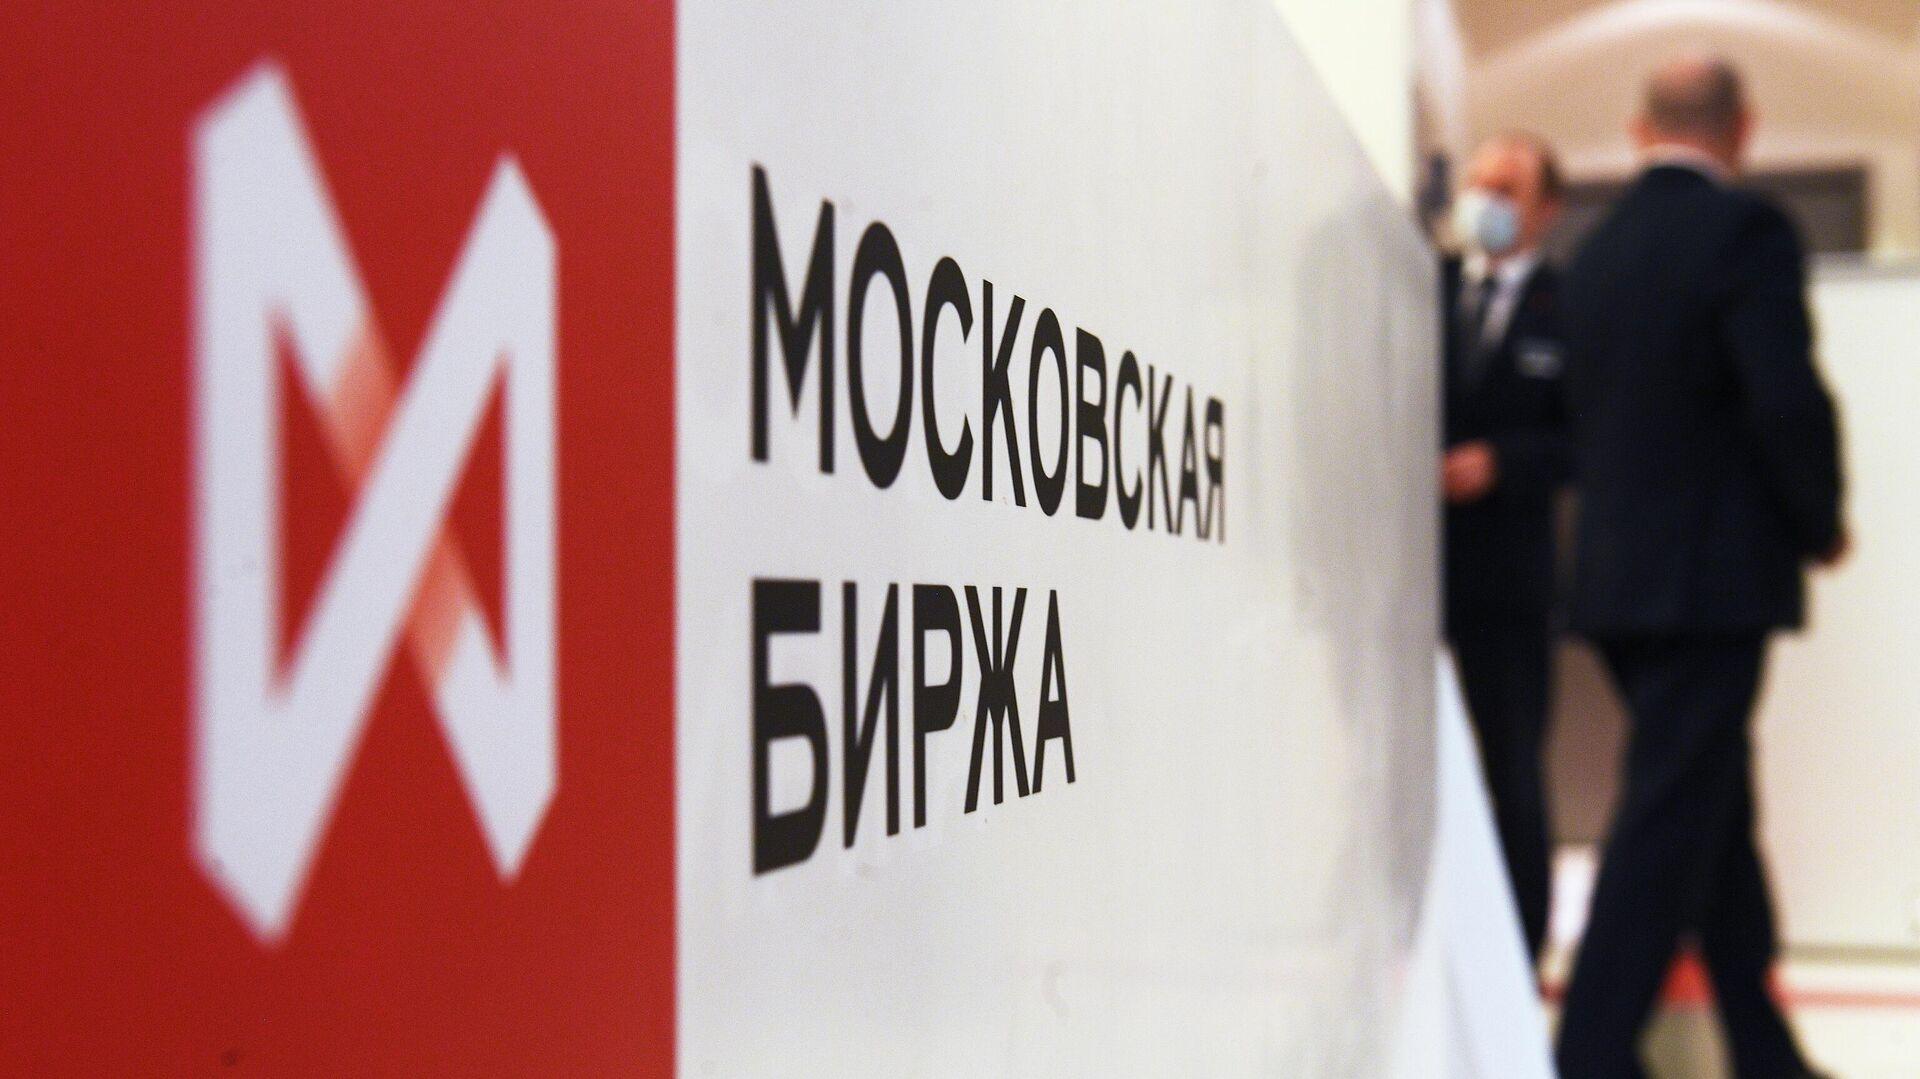 Логотип Московской биржи - РИА Новости, 1920, 29.10.2020